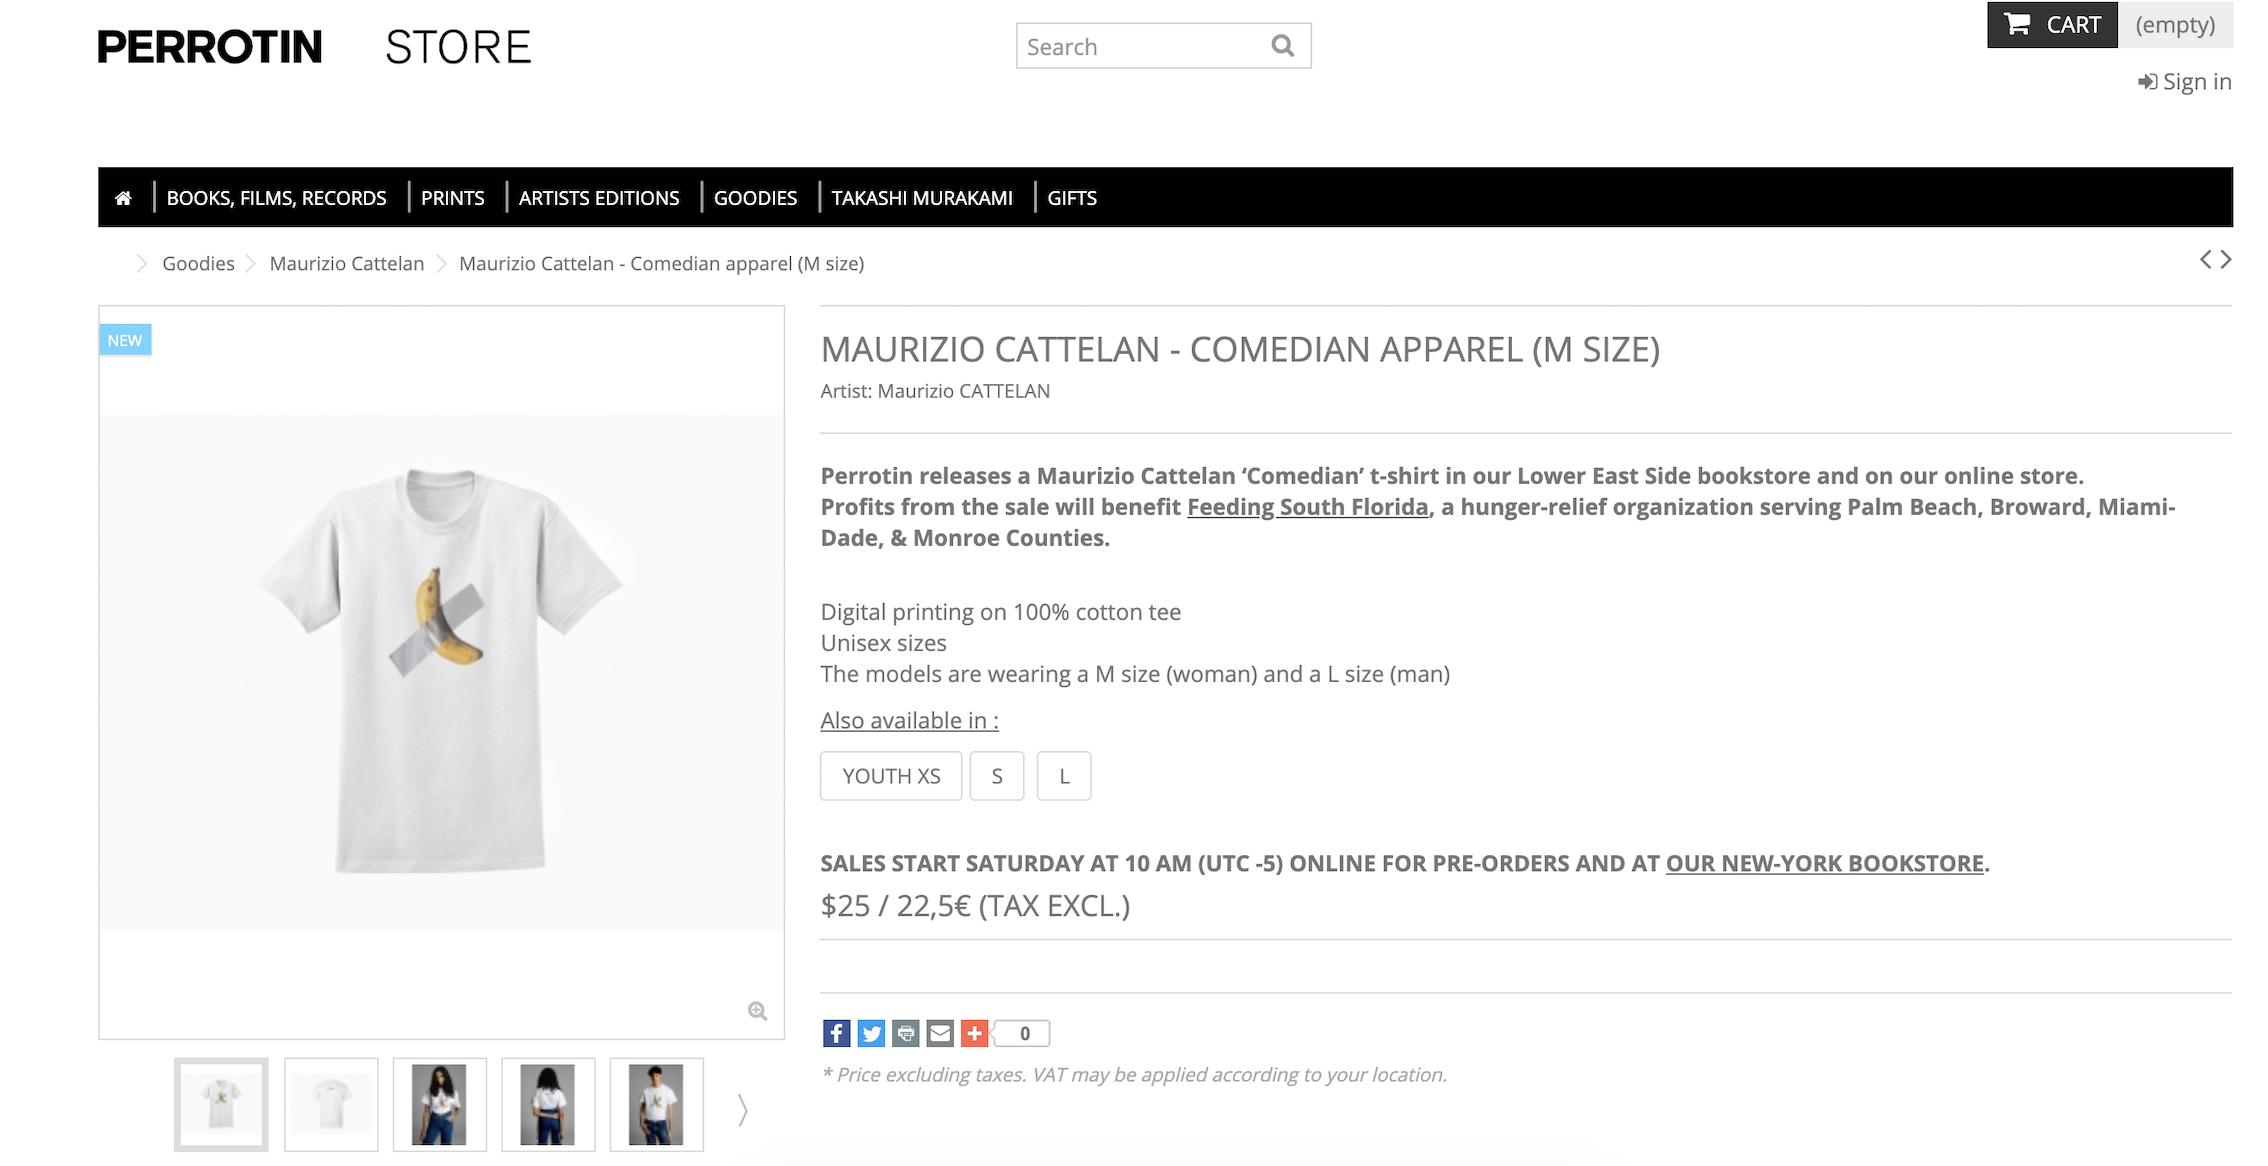 Sito del Perrotin store - la Comedian T-shirt di Maurizio Cattelan